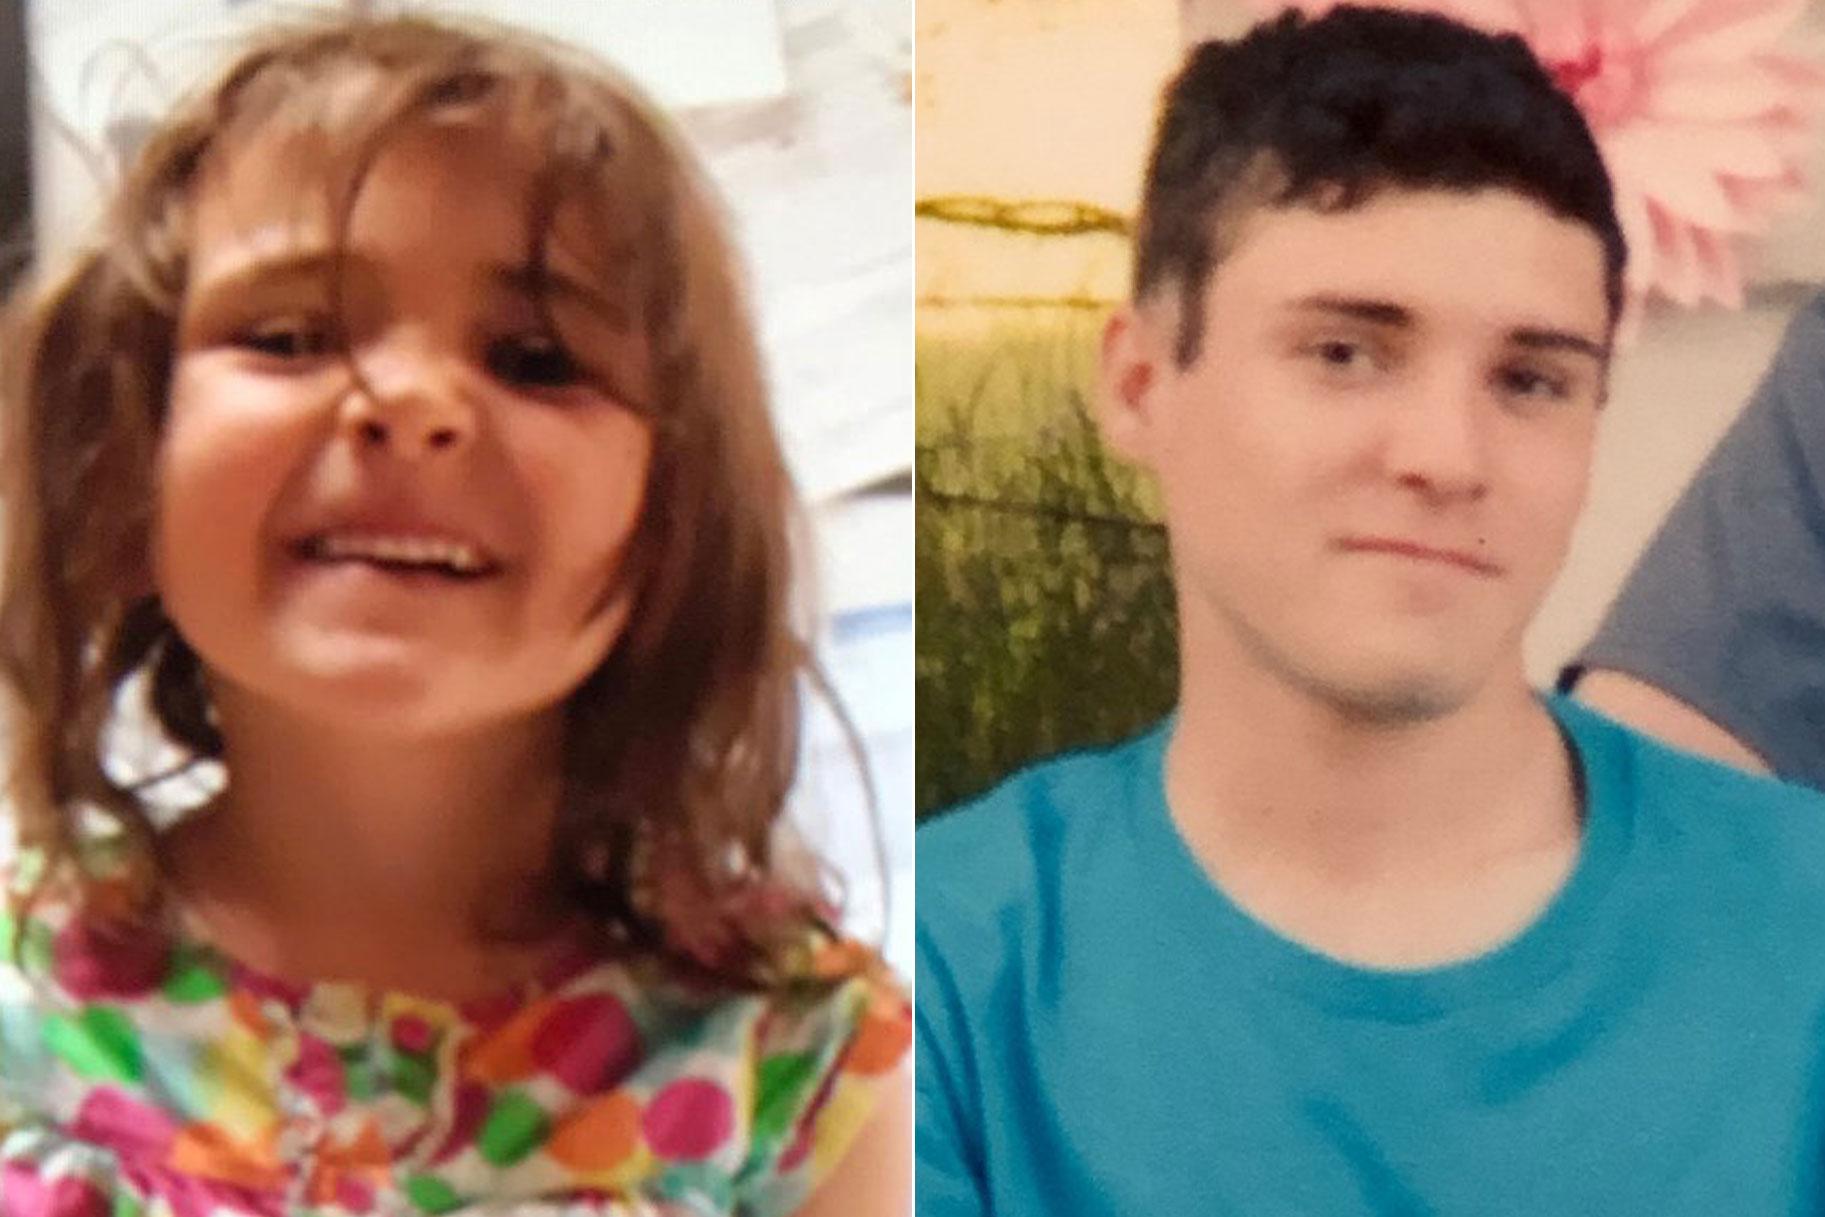 Čovjeku koji je silovao i ubio vlastitu petogodišnju nećakinju govori se da nikada neće 'udahnuti zrak' dok bude dobivao život